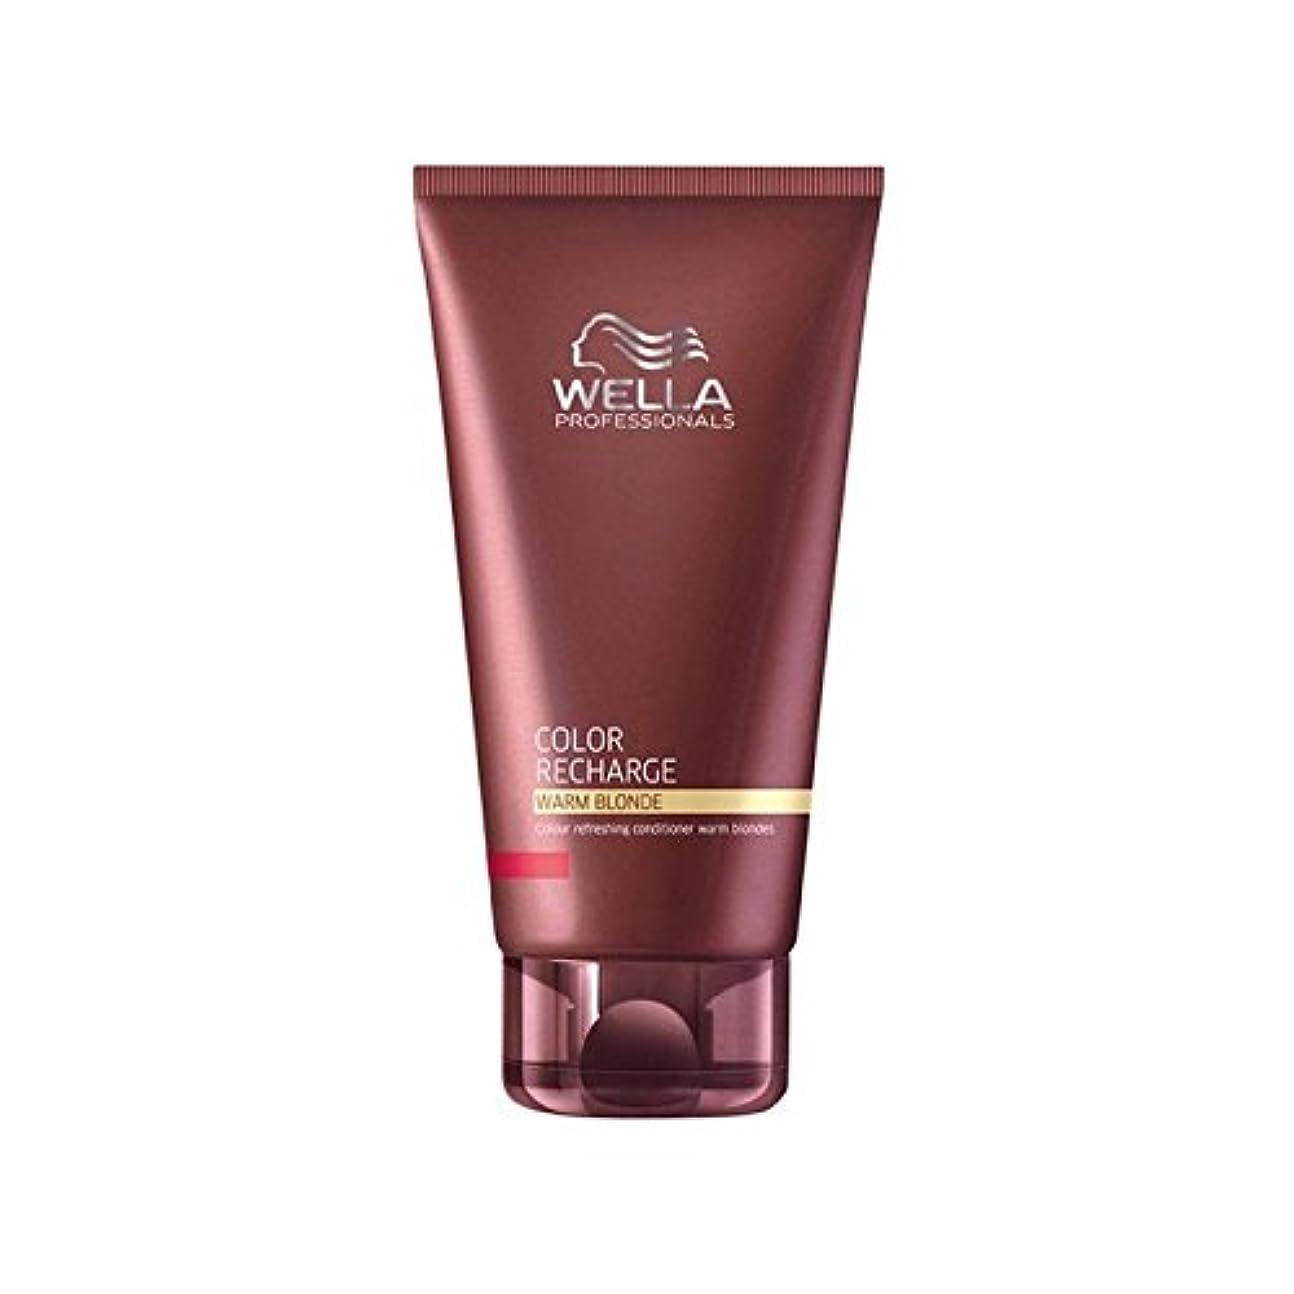 時々移民ありそうウエラ専門家のカラー再充電コンディショナー暖かいブロンド(200ミリリットル) x4 - Wella Professionals Color Recharge Conditioner Warm Blonde (200ml...